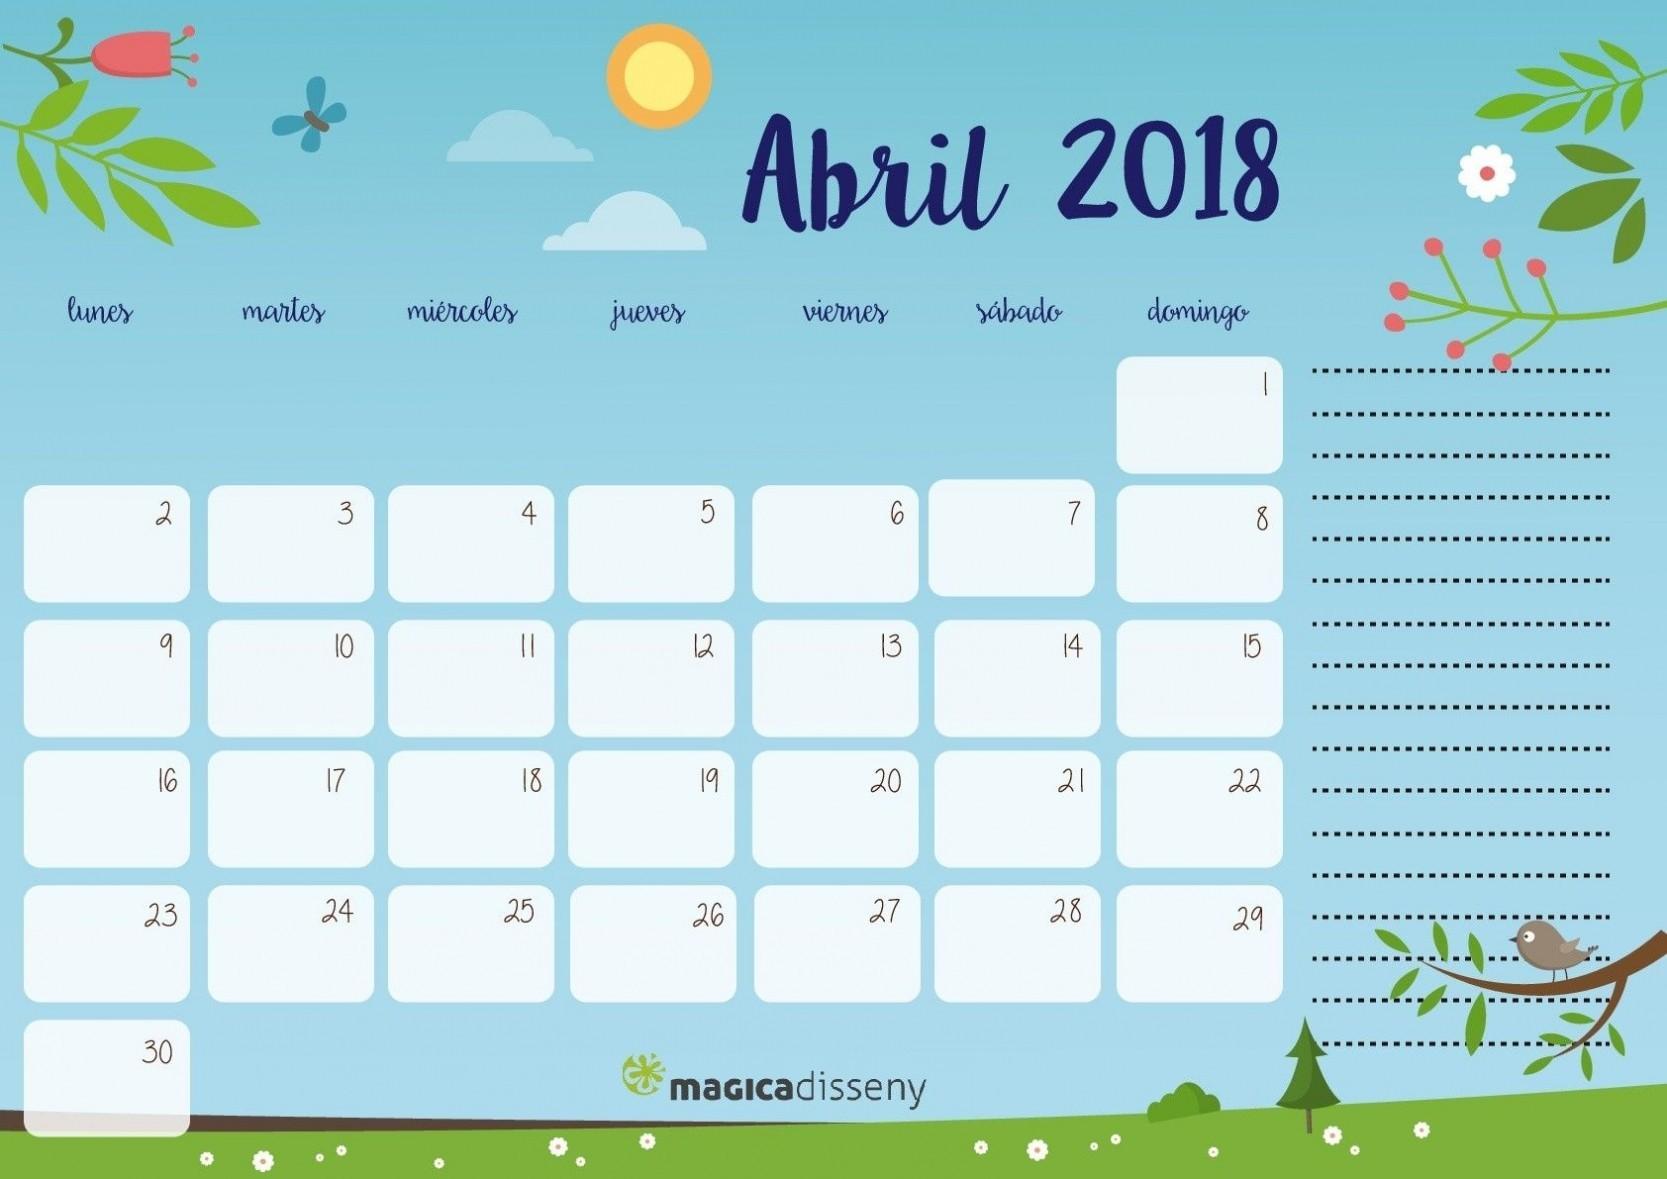 Calendario Para Imprimir De Abril Más Recientes Esto Es Exactamente Imprimir Calendario Desde Word Of Calendario Para Imprimir De Abril Más Recientes Texto Consolidado R3821 — Es — 01 10 2012